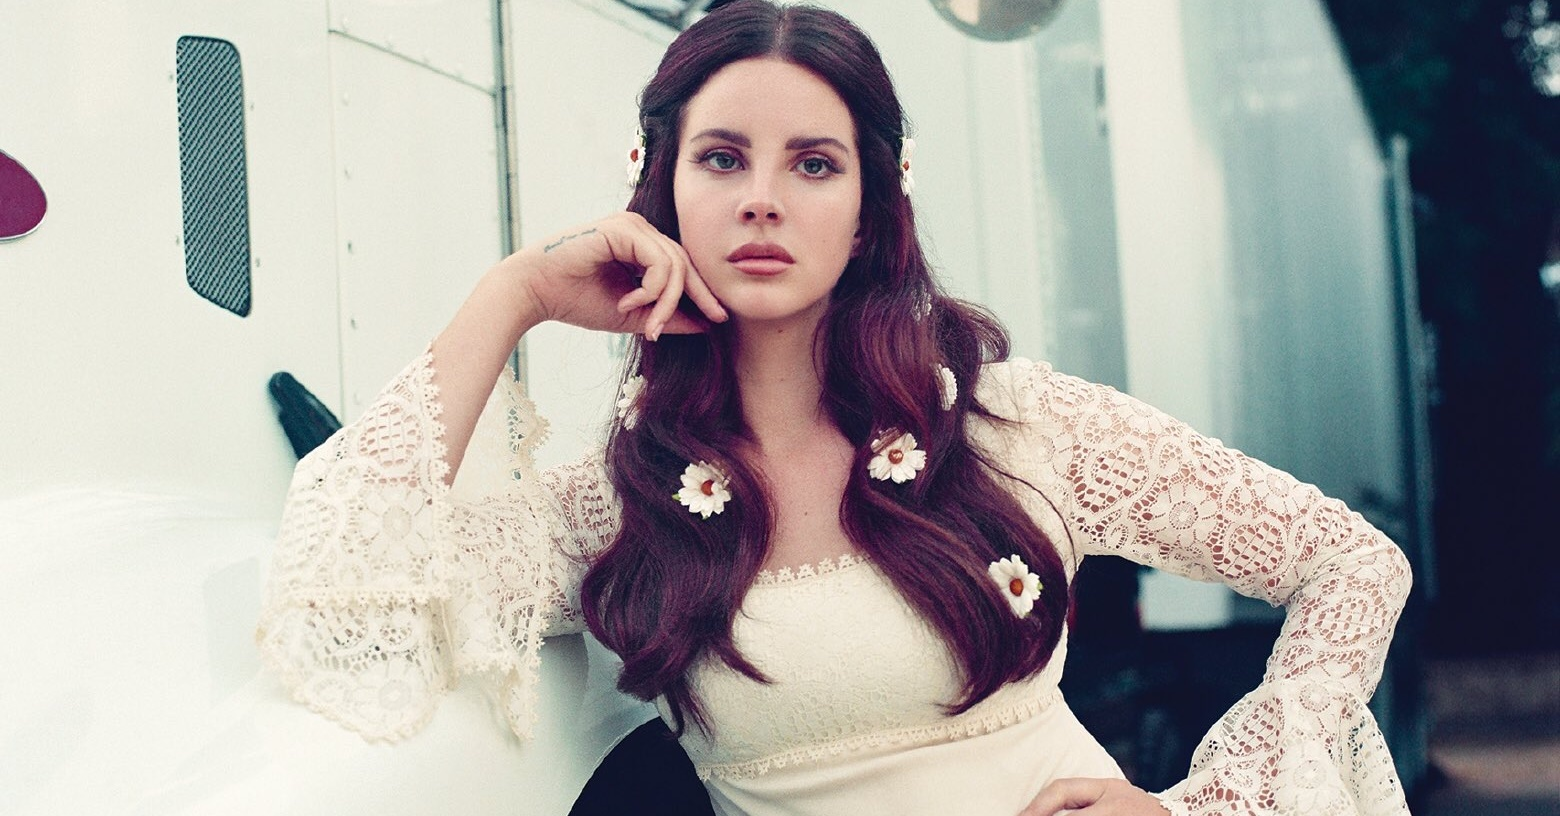 Lana Del Rey grava a música 'Doin' Time', do Sublime, para documentário